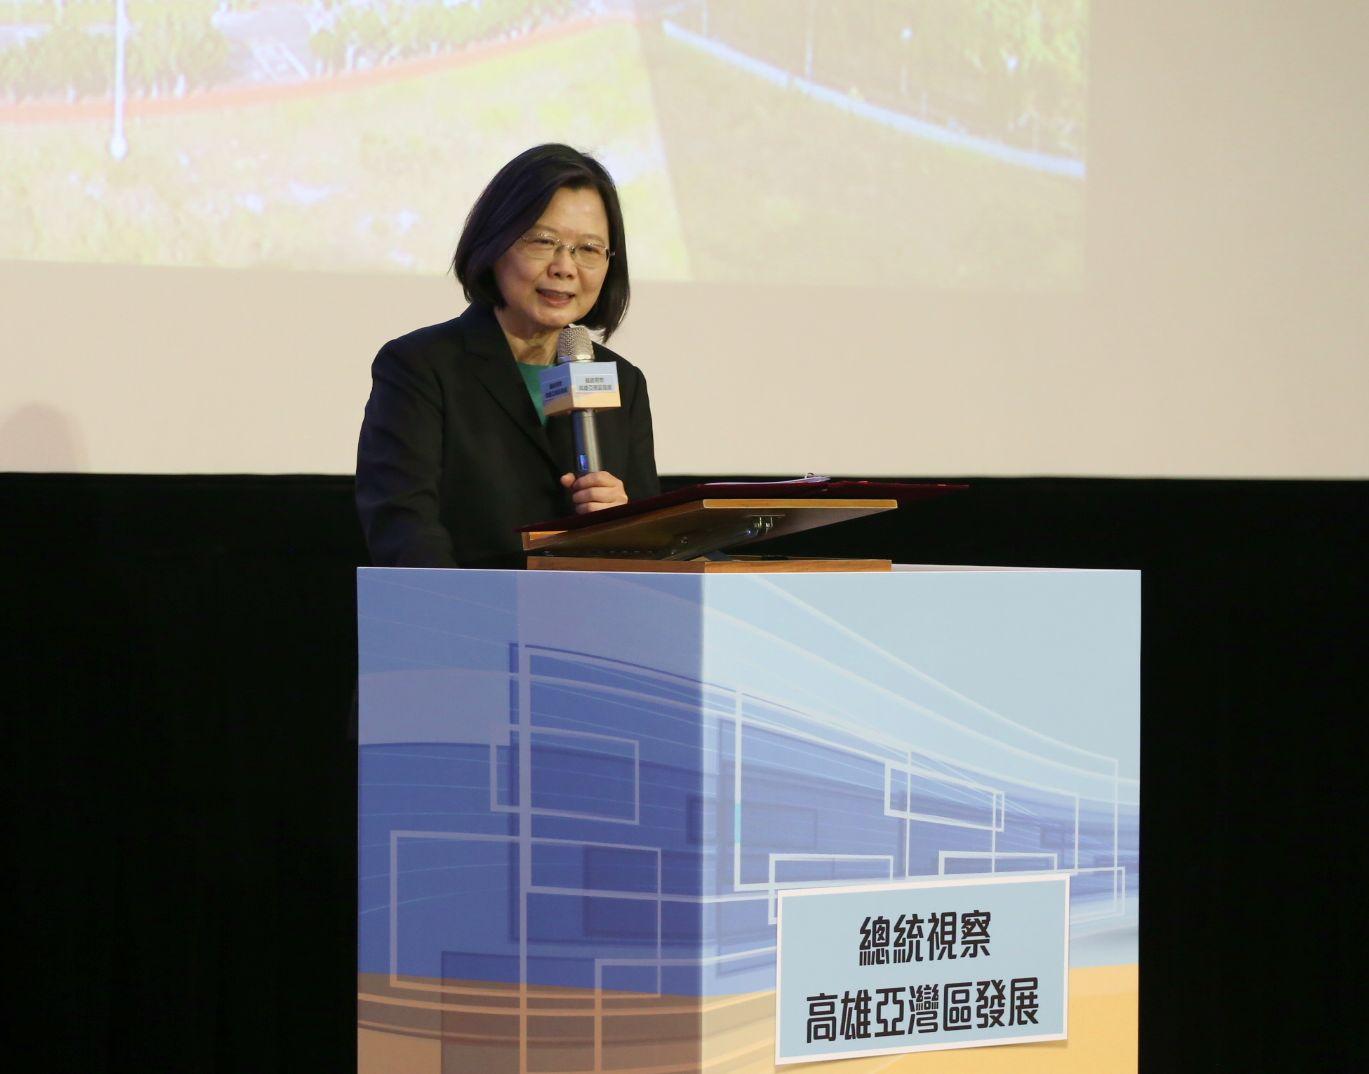 蔡總統、行政院長高雄合體 陳其邁:打造全台最好、最佳的5G AIoT創新園區